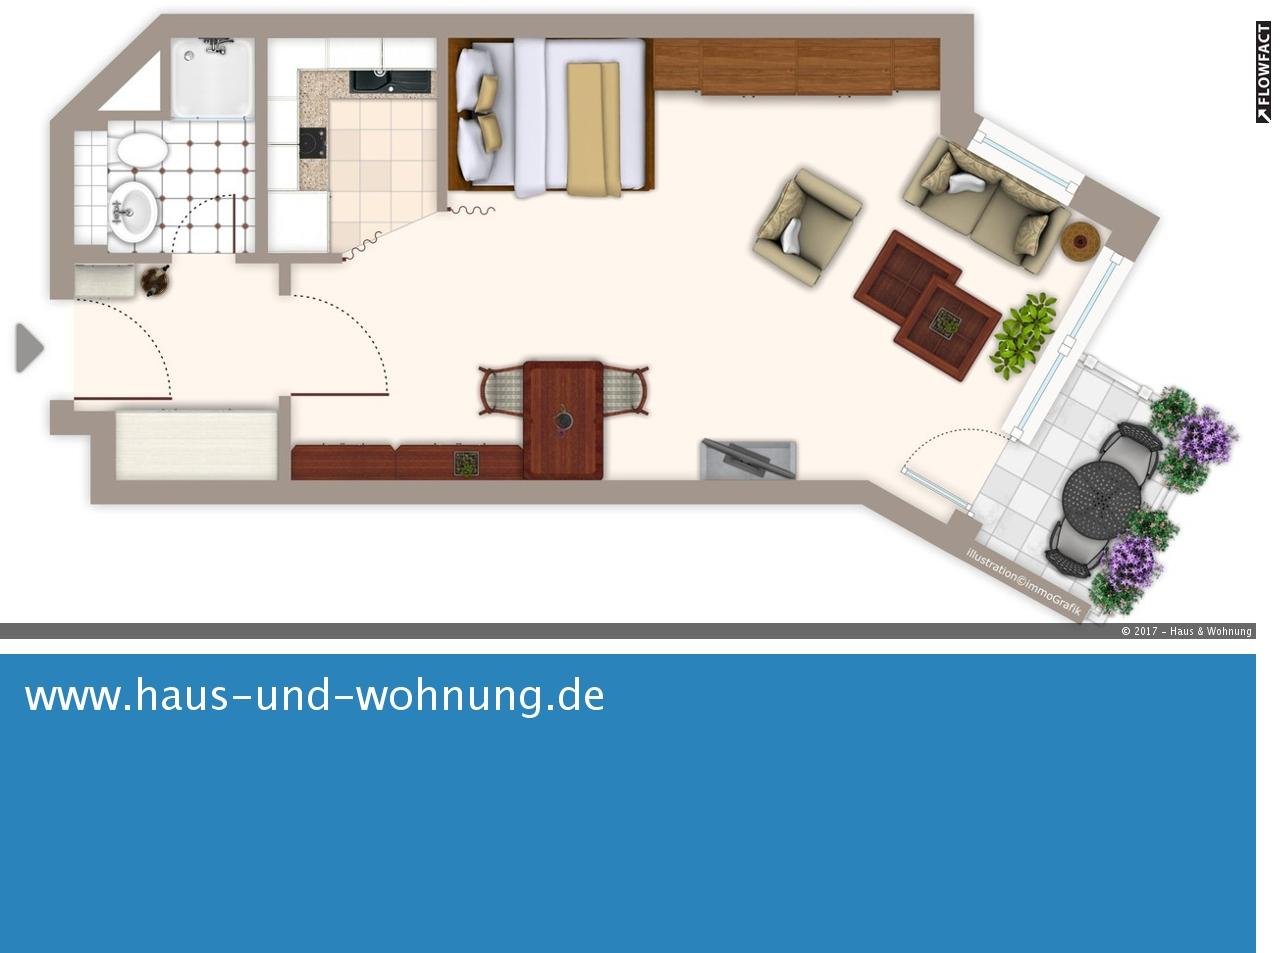 haus und wohnung markus l hr clever geschnittene singelwohnung zentral und dennoch ruhig. Black Bedroom Furniture Sets. Home Design Ideas